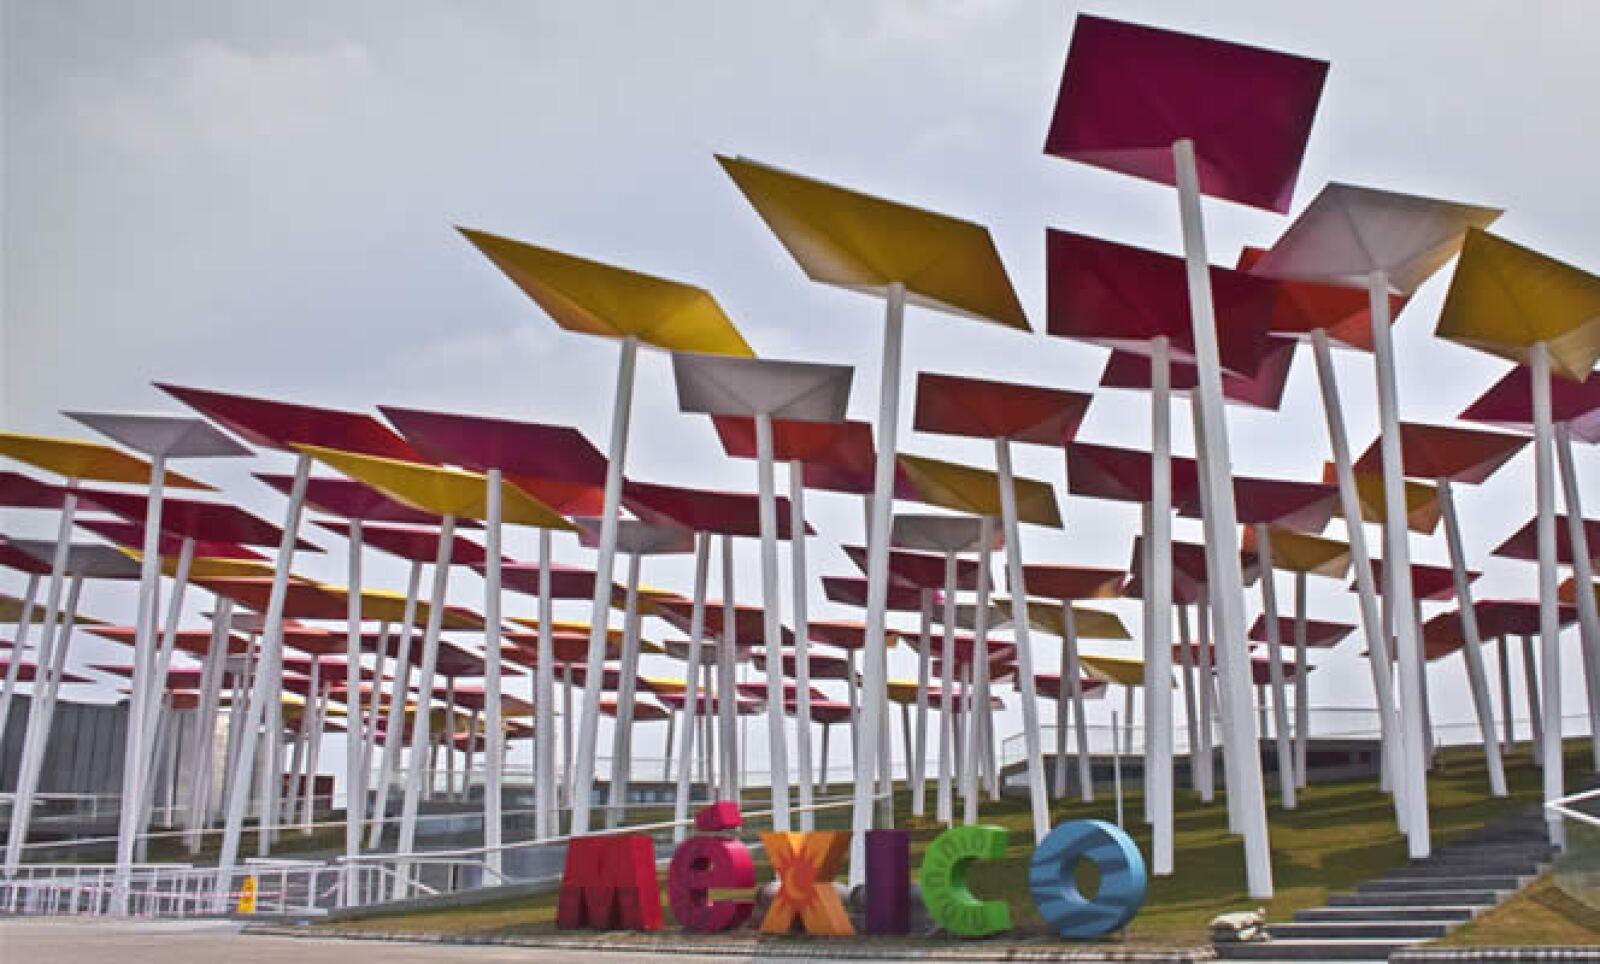 México esta presente en la Expo 2010 Shanghái, la exposición universal más grande de la historia. Durante seis meses, del 1° de mayo al 31 de octubre, más de 190 naciones se darán cita en China para presentar soluciones a problemas urbanos.